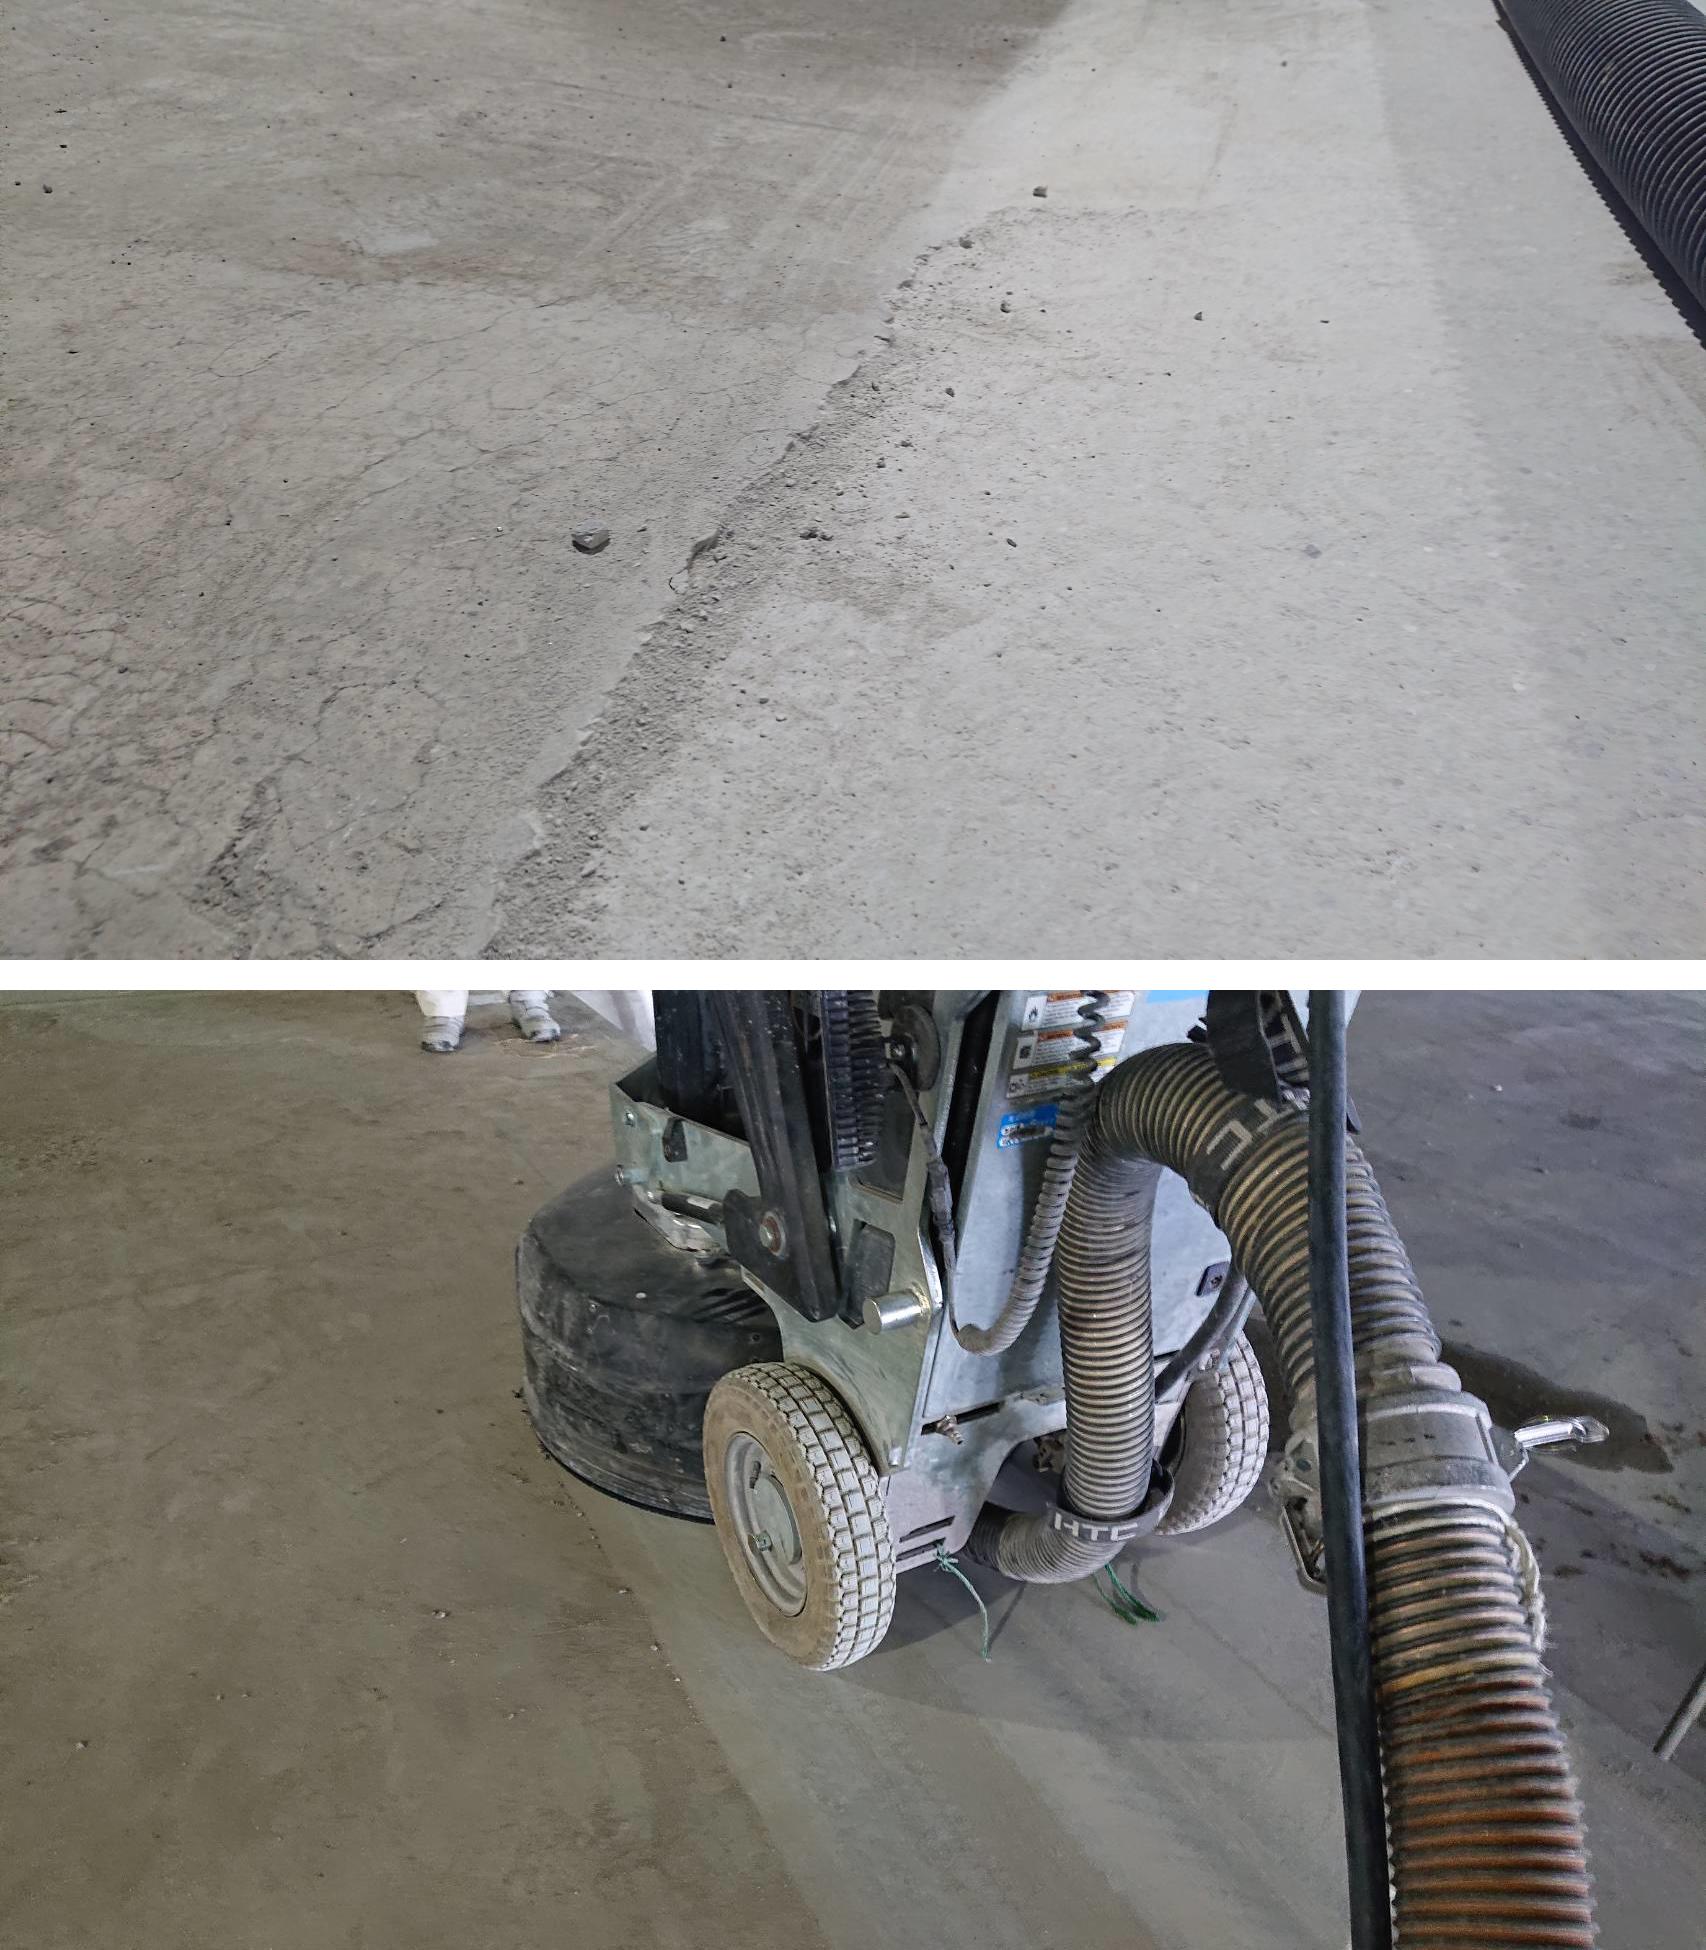 雨打たれの物流倉庫床の平滑研磨処理。床面研磨機『HTC DURATIQ8』